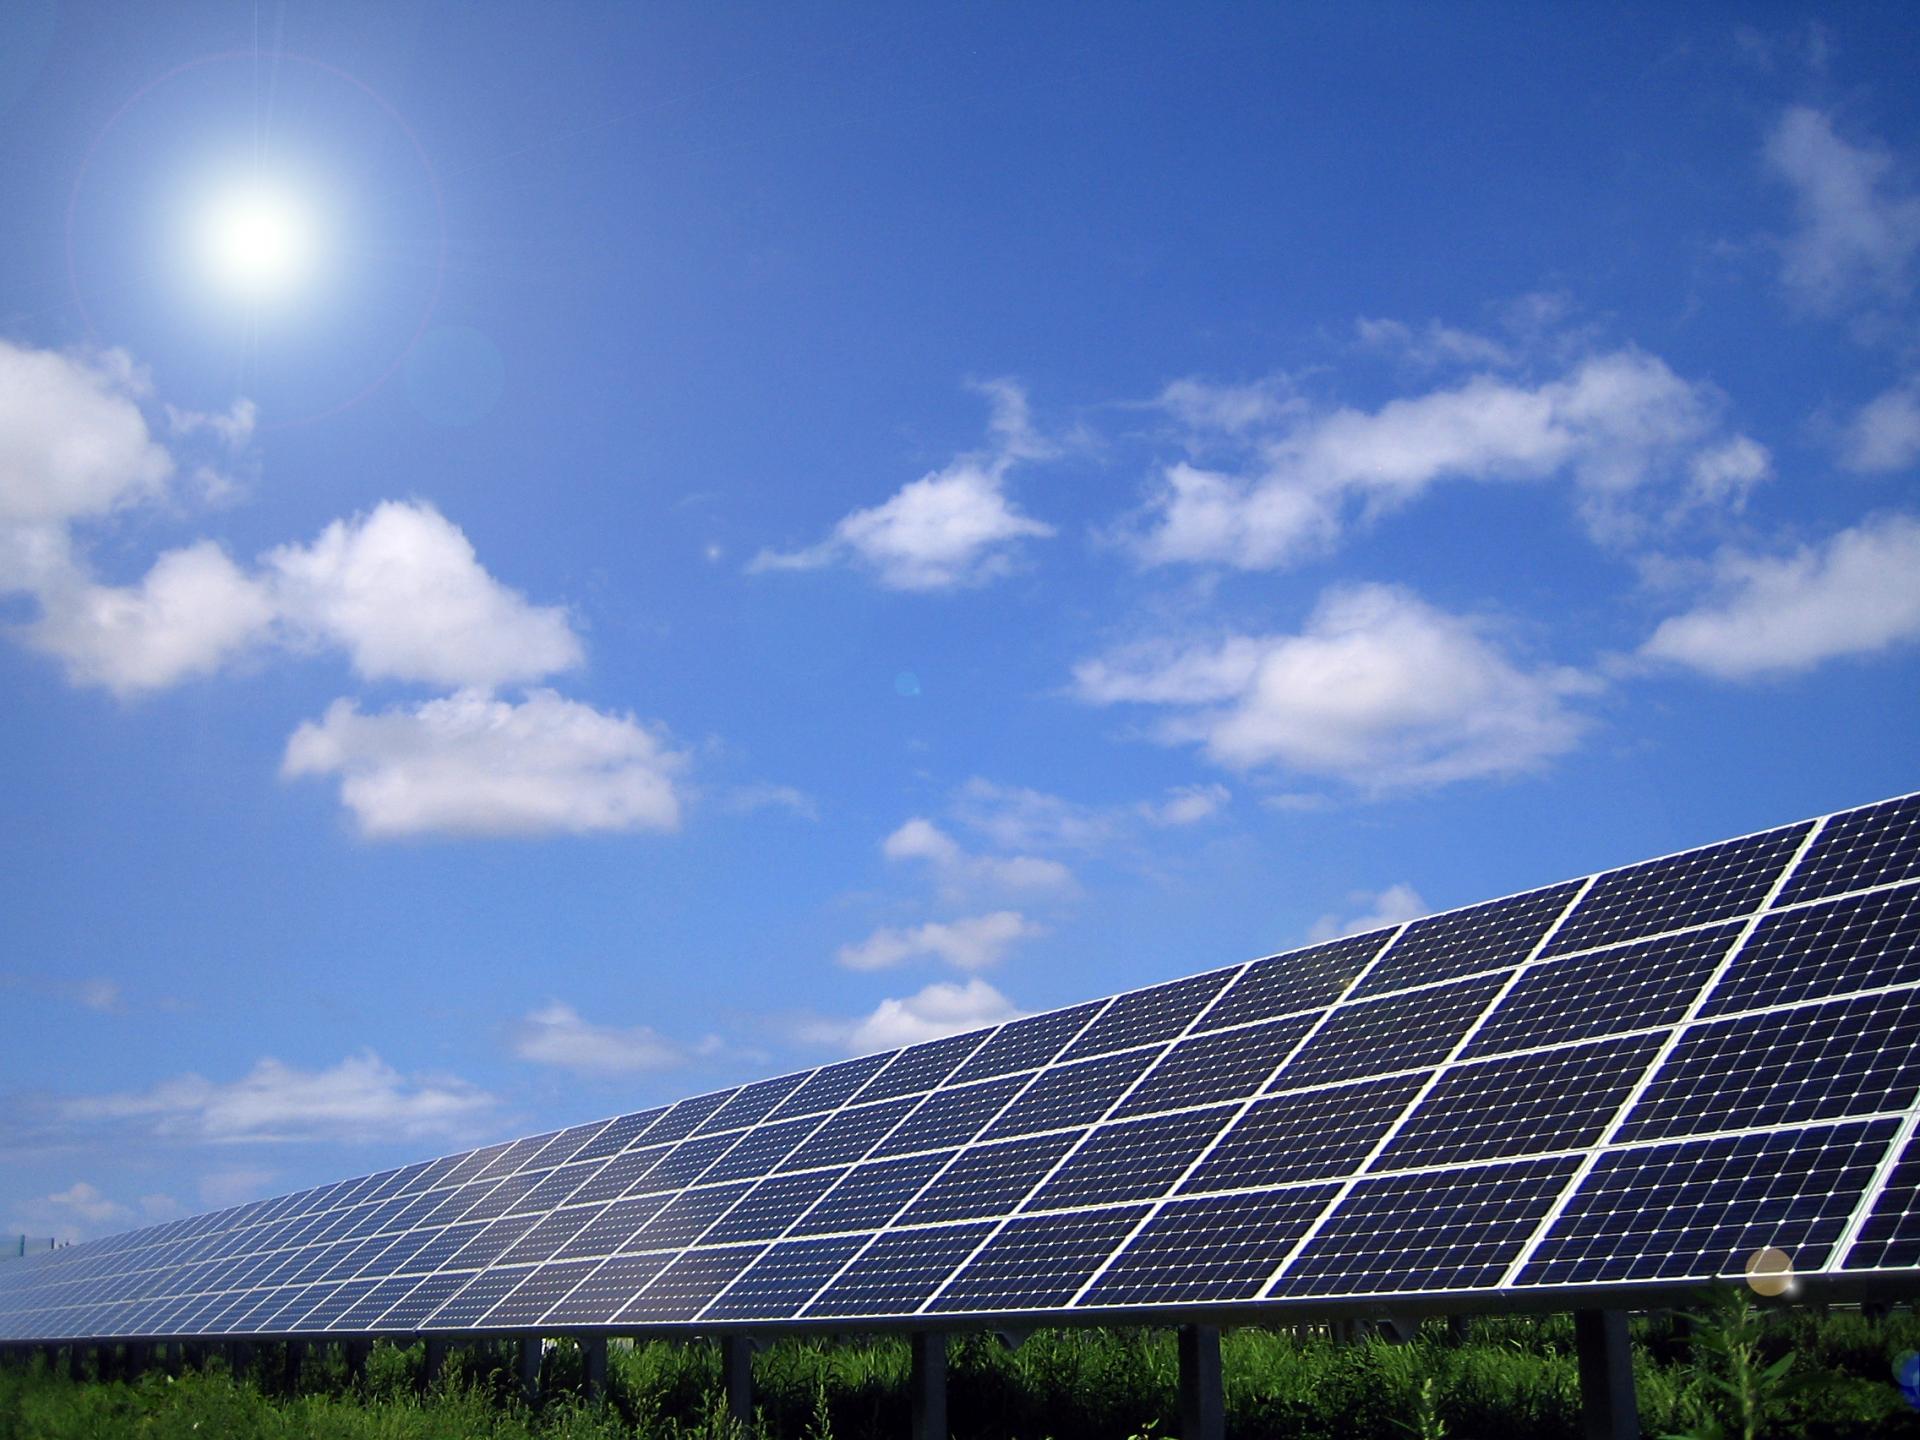 選び方を間違えると多額のメンテナンス費用がかかる太陽光発電システム